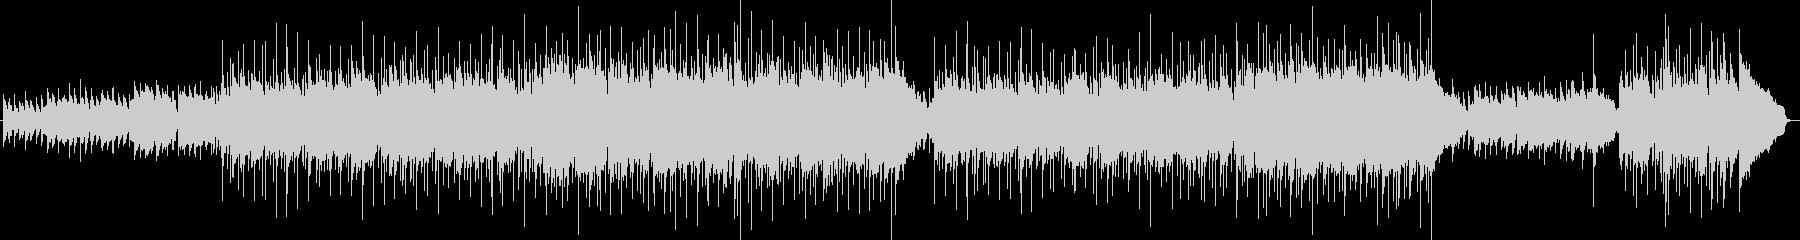 メロディックなスローバラードの未再生の波形